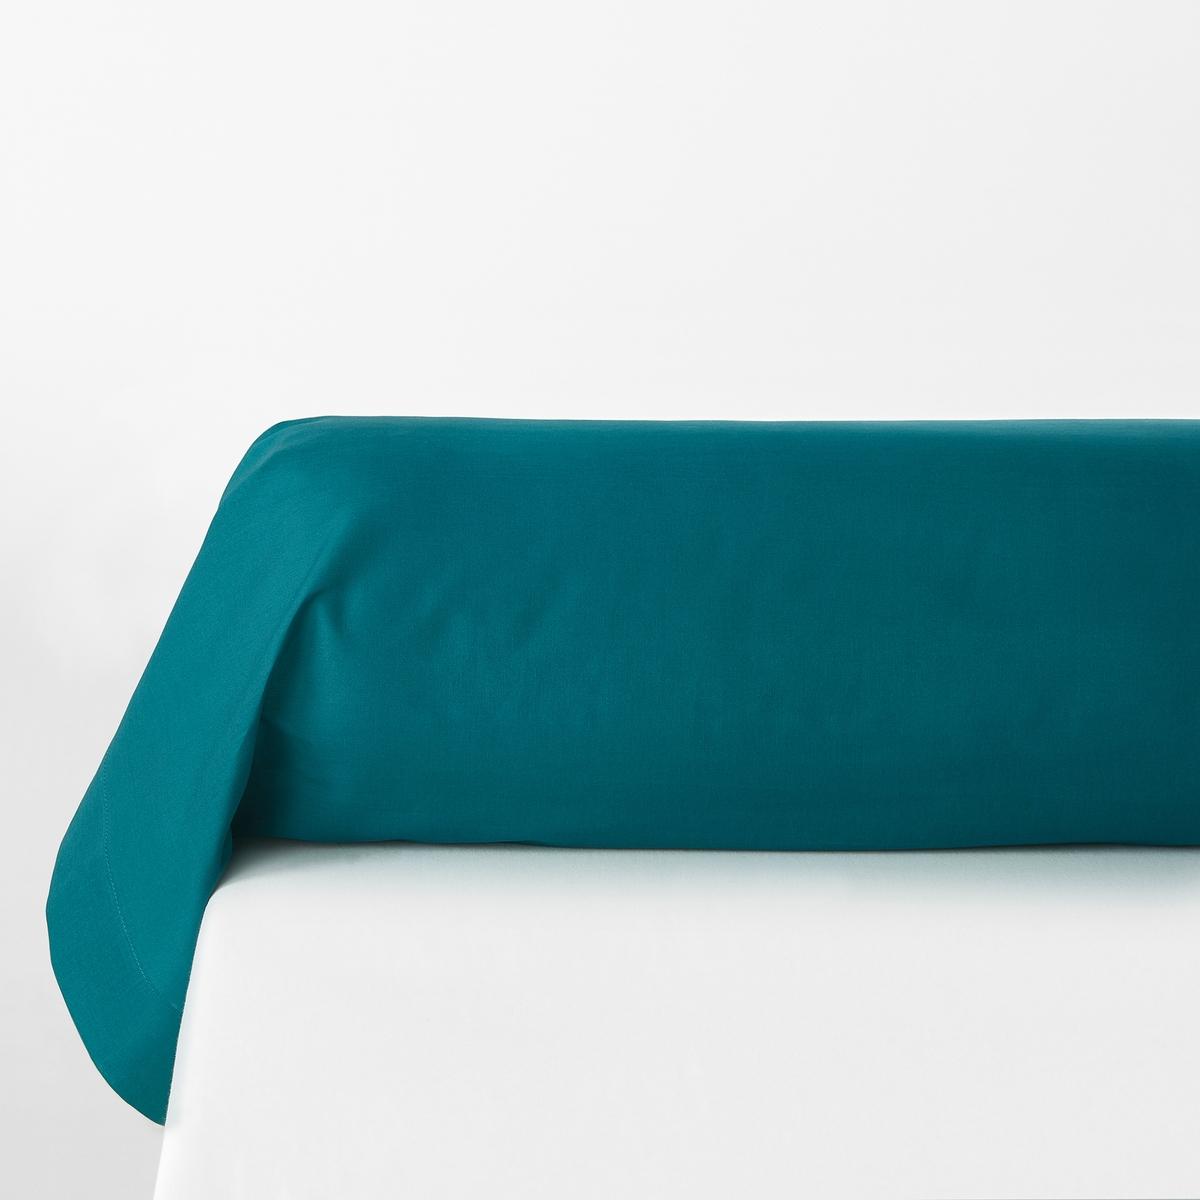 Наволочка La Redoute На подушку-валик из поликоттона SCENARIO 85 x 185 см синий чехол la redoute на подушку валик ecaille 45 x 45 см синий